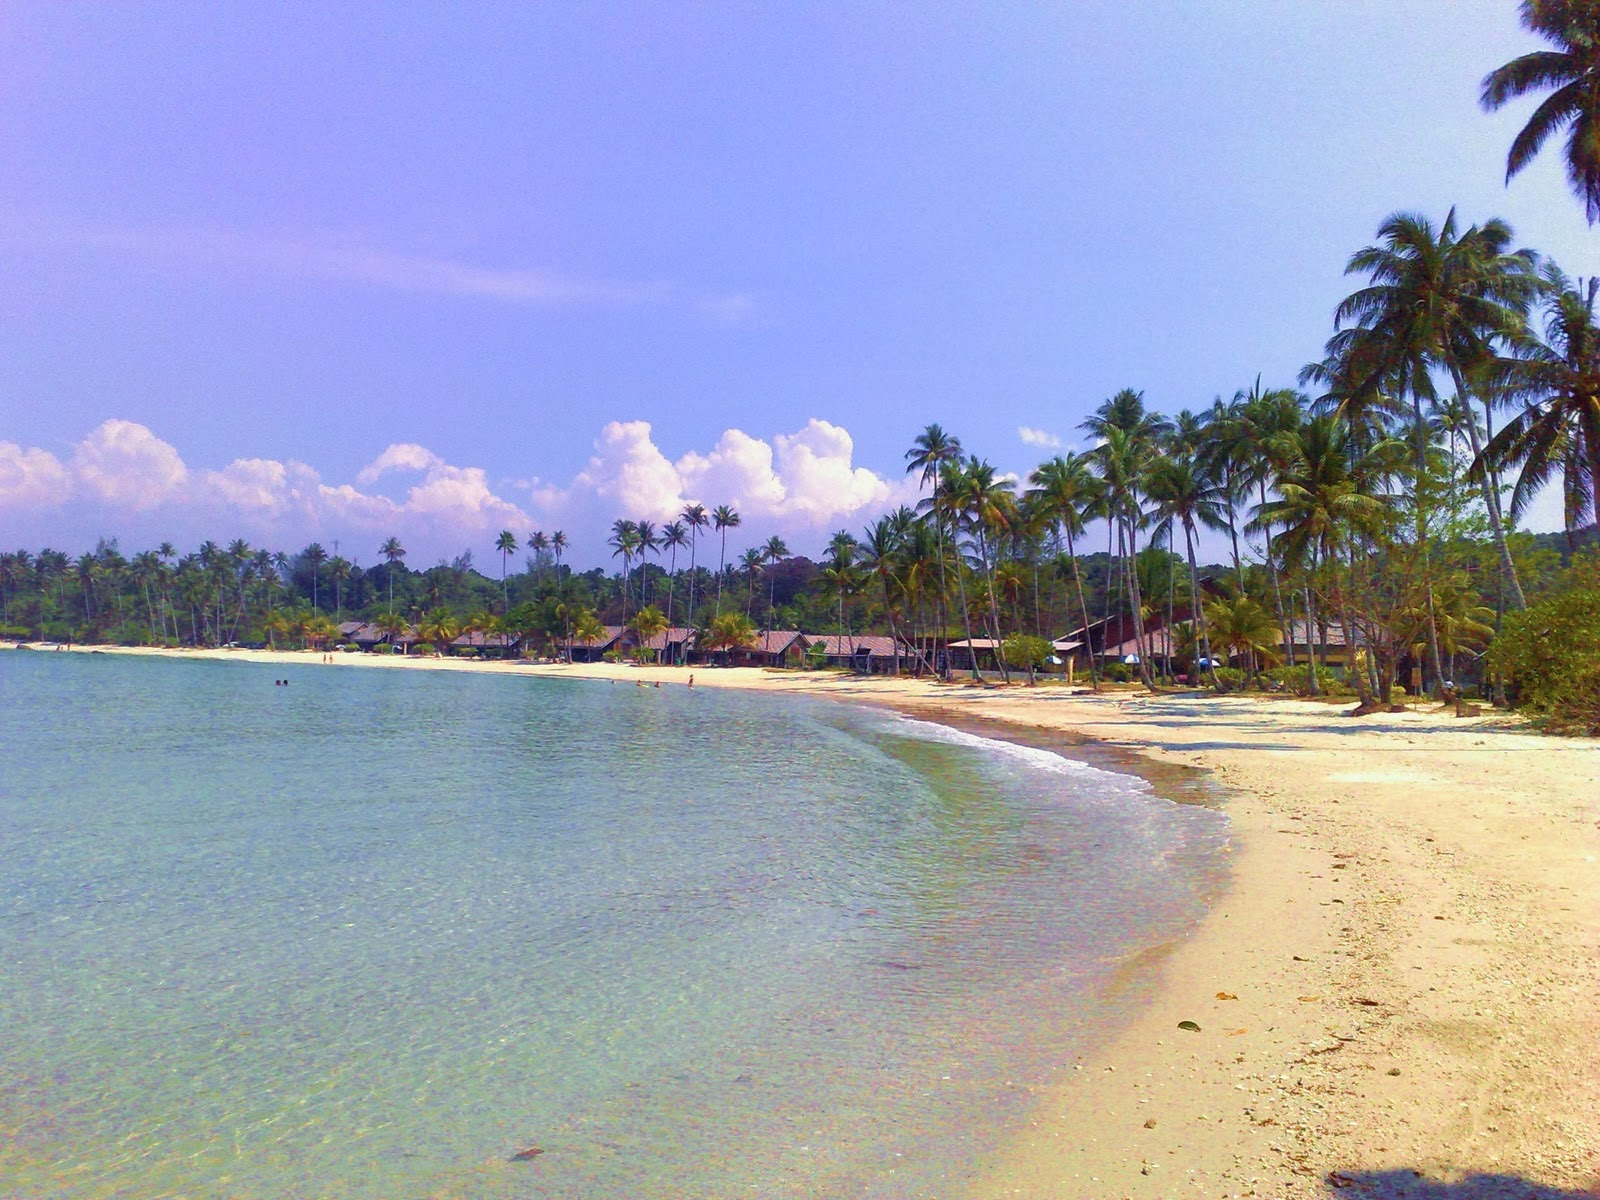 Pantai Lagoi Keistimewaan Pasir Putih di Kepulauan Riau